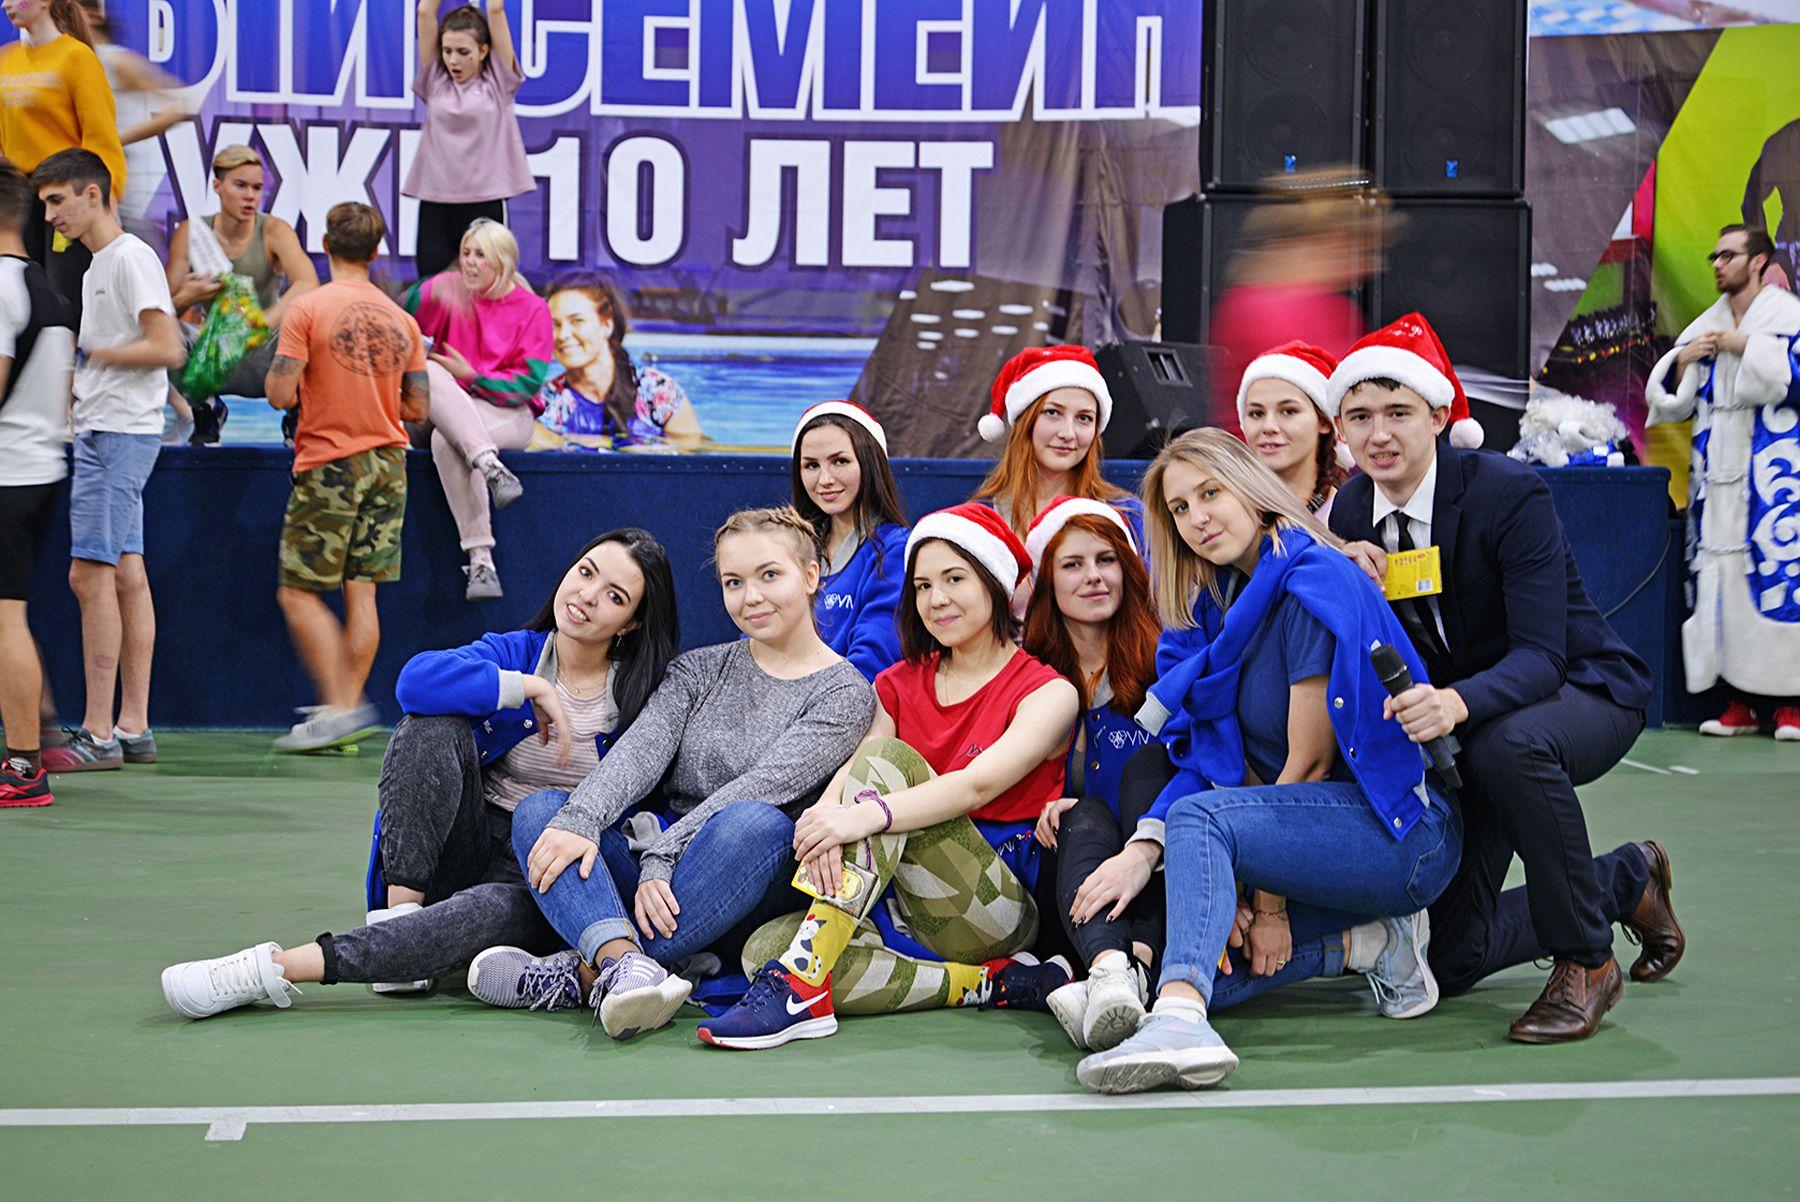 Новогодняя спортивная эстафета в СК «Чемпион» ВГУЭС: спортивный дух и положительные эмоции